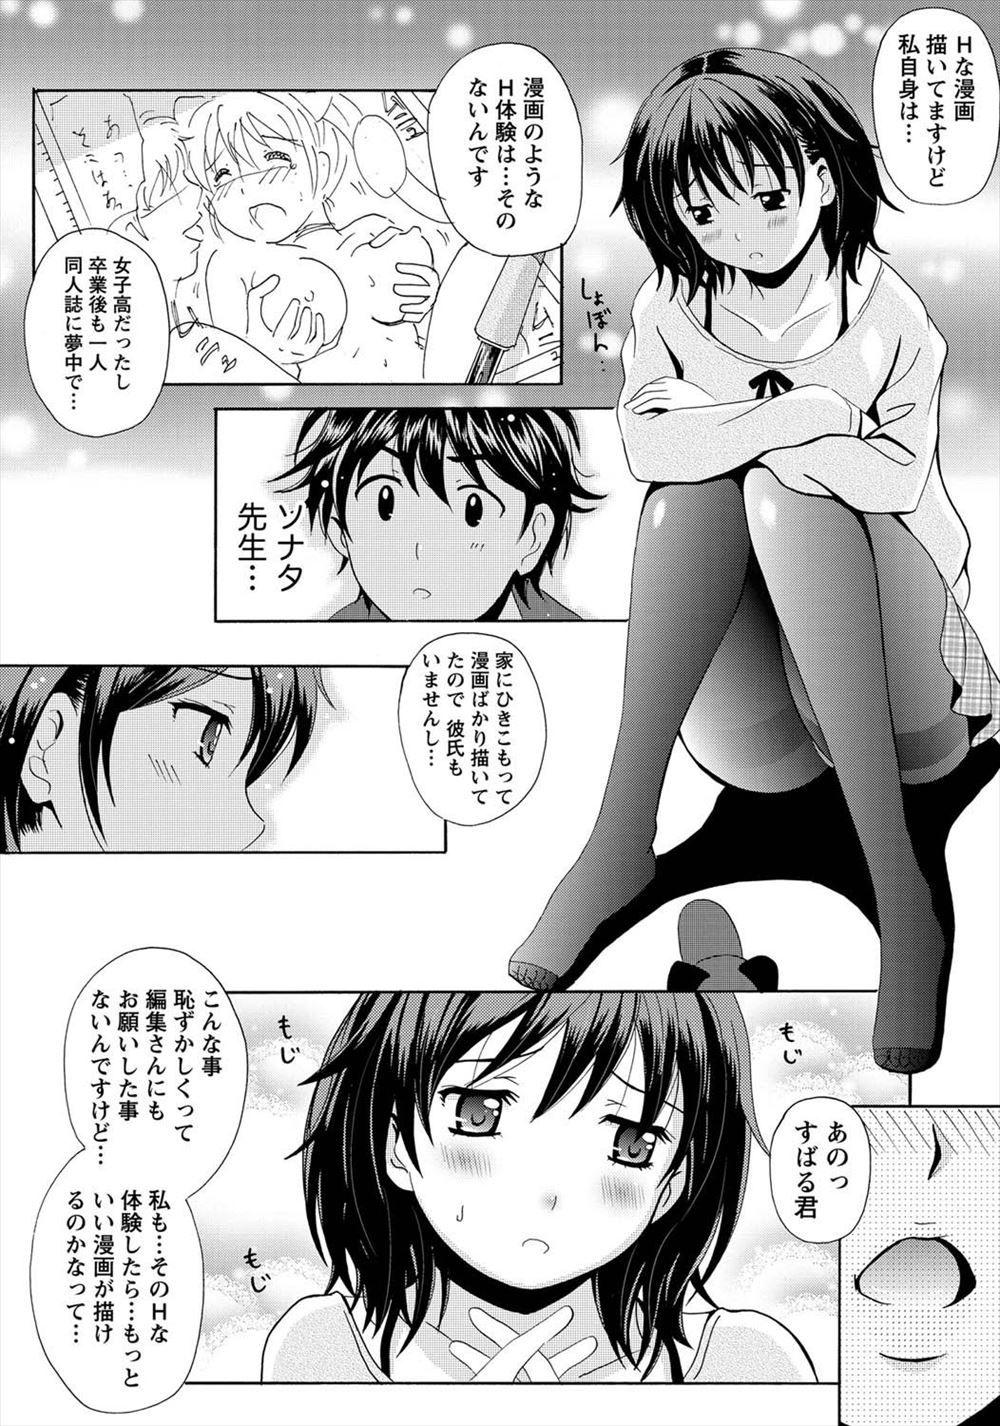 【エロ同人・エロ漫画】女性エロ漫画家のアシスタントとしたらエッチなことをしたらもっといい漫画を描くためにセックスすることになったwww 011